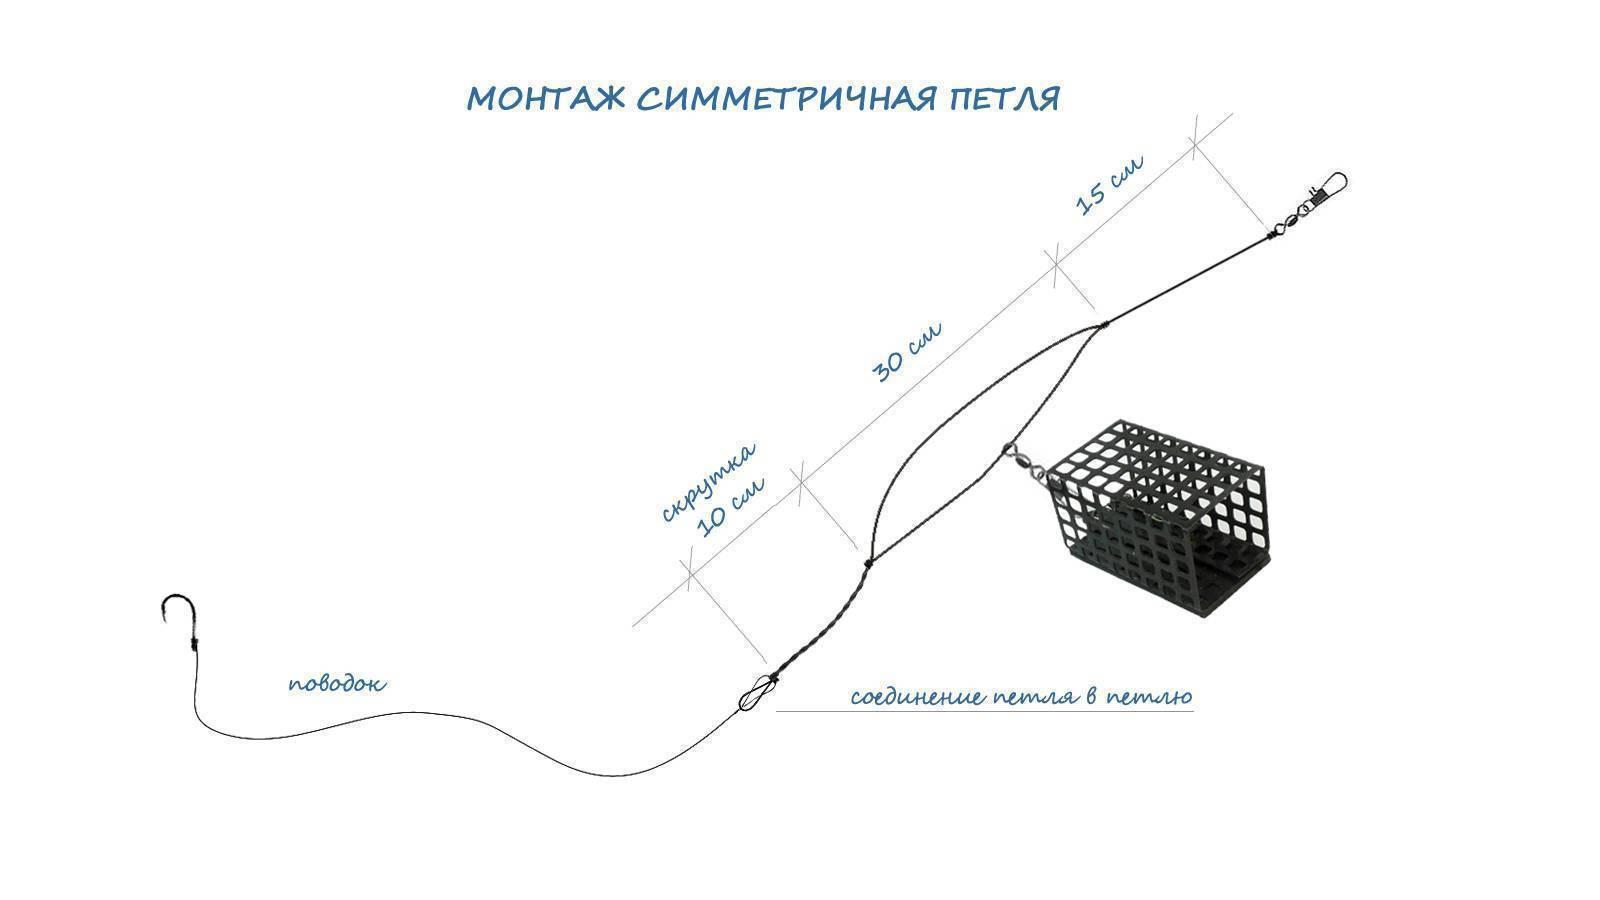 Изготовление фидерной оснастки «несимметричная (асимметричная) петля»: фото схемы и видео